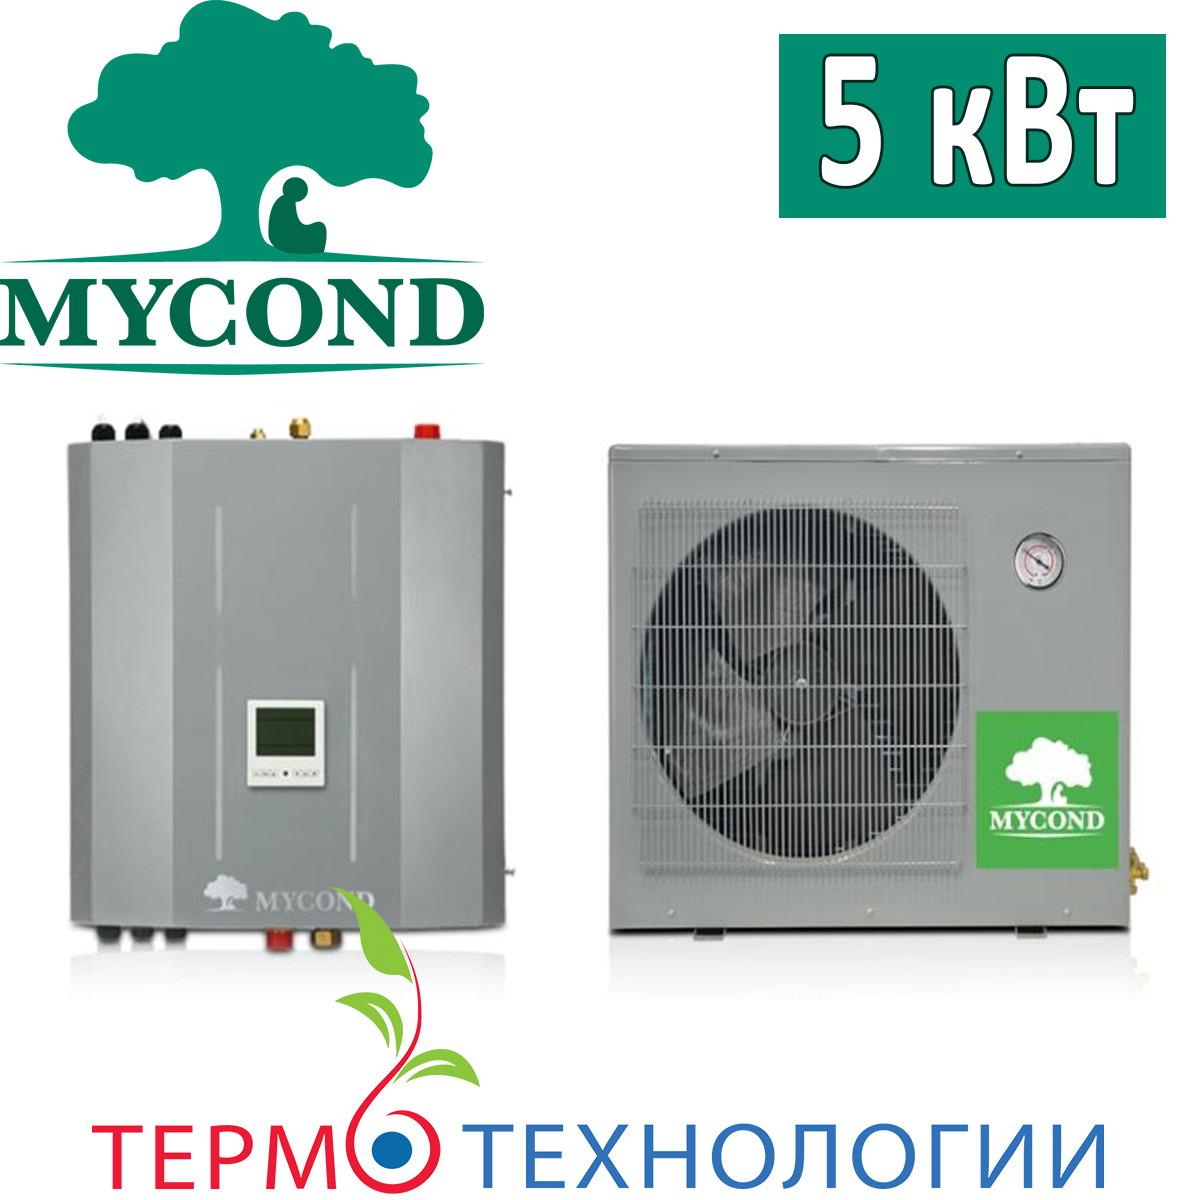 Тепловой насос воздух-вода MYCOND 5 кВт